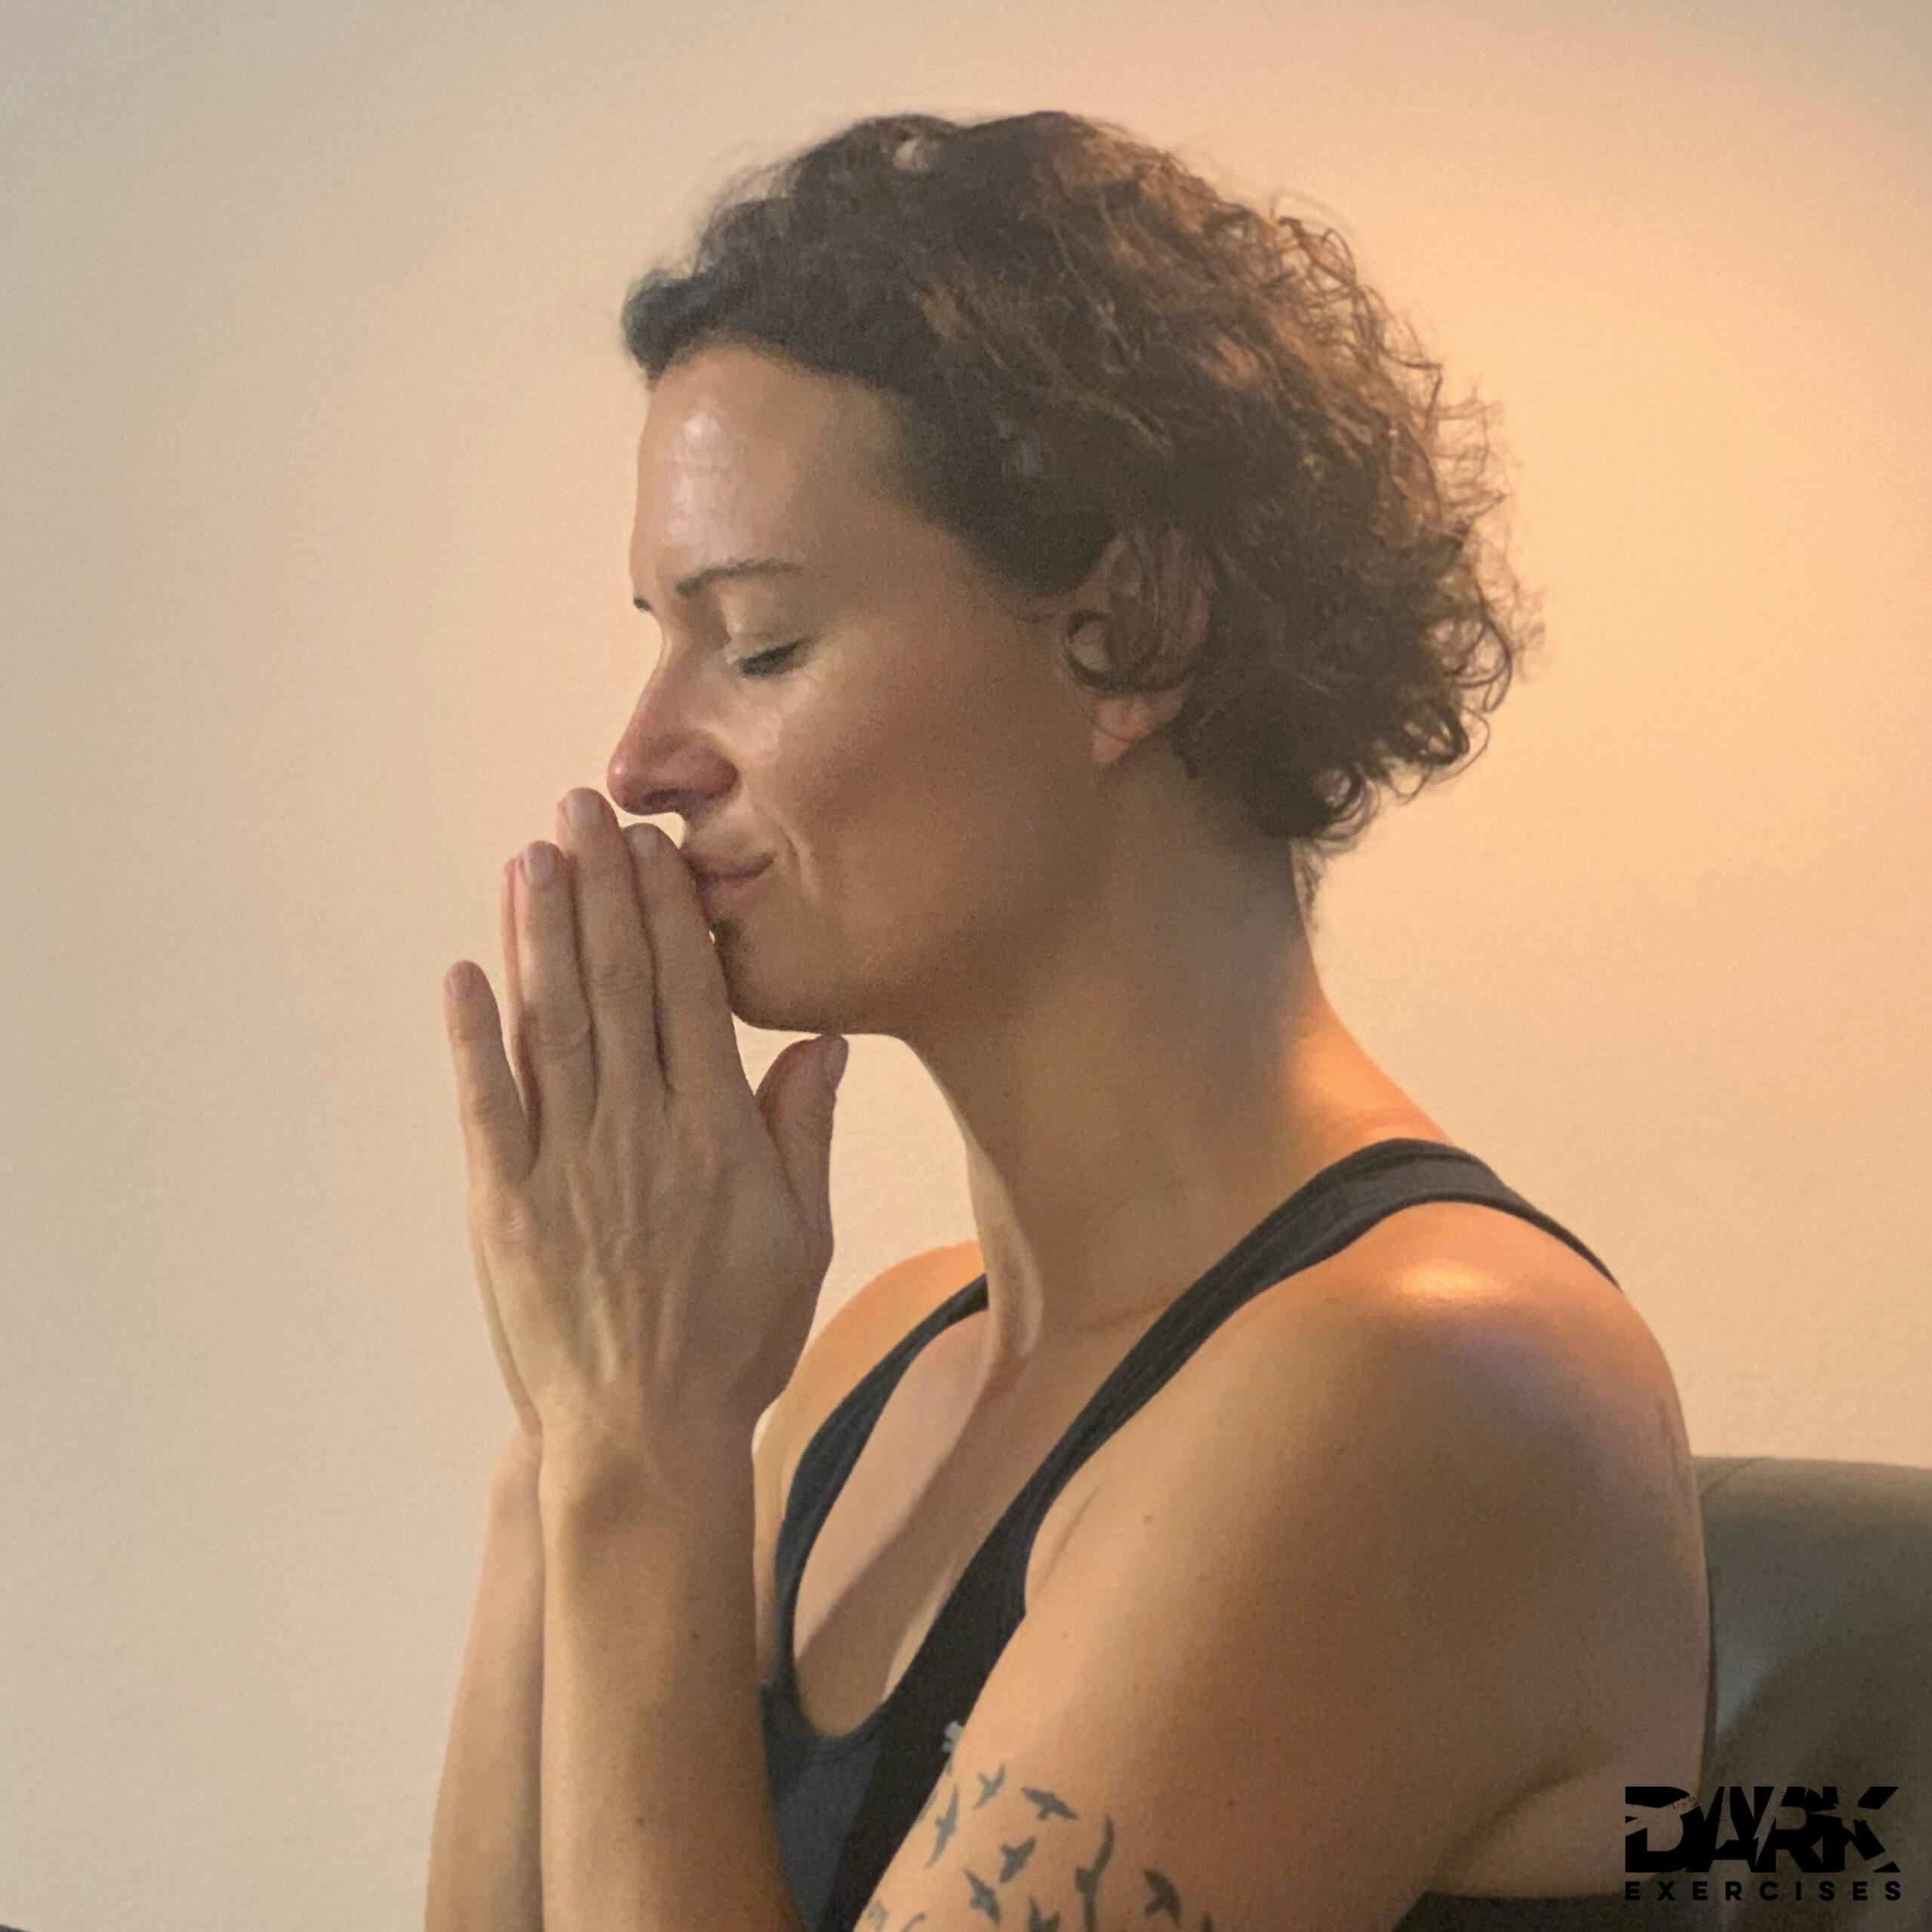 Sabine Kālīpriyā dark exercises kali yoga